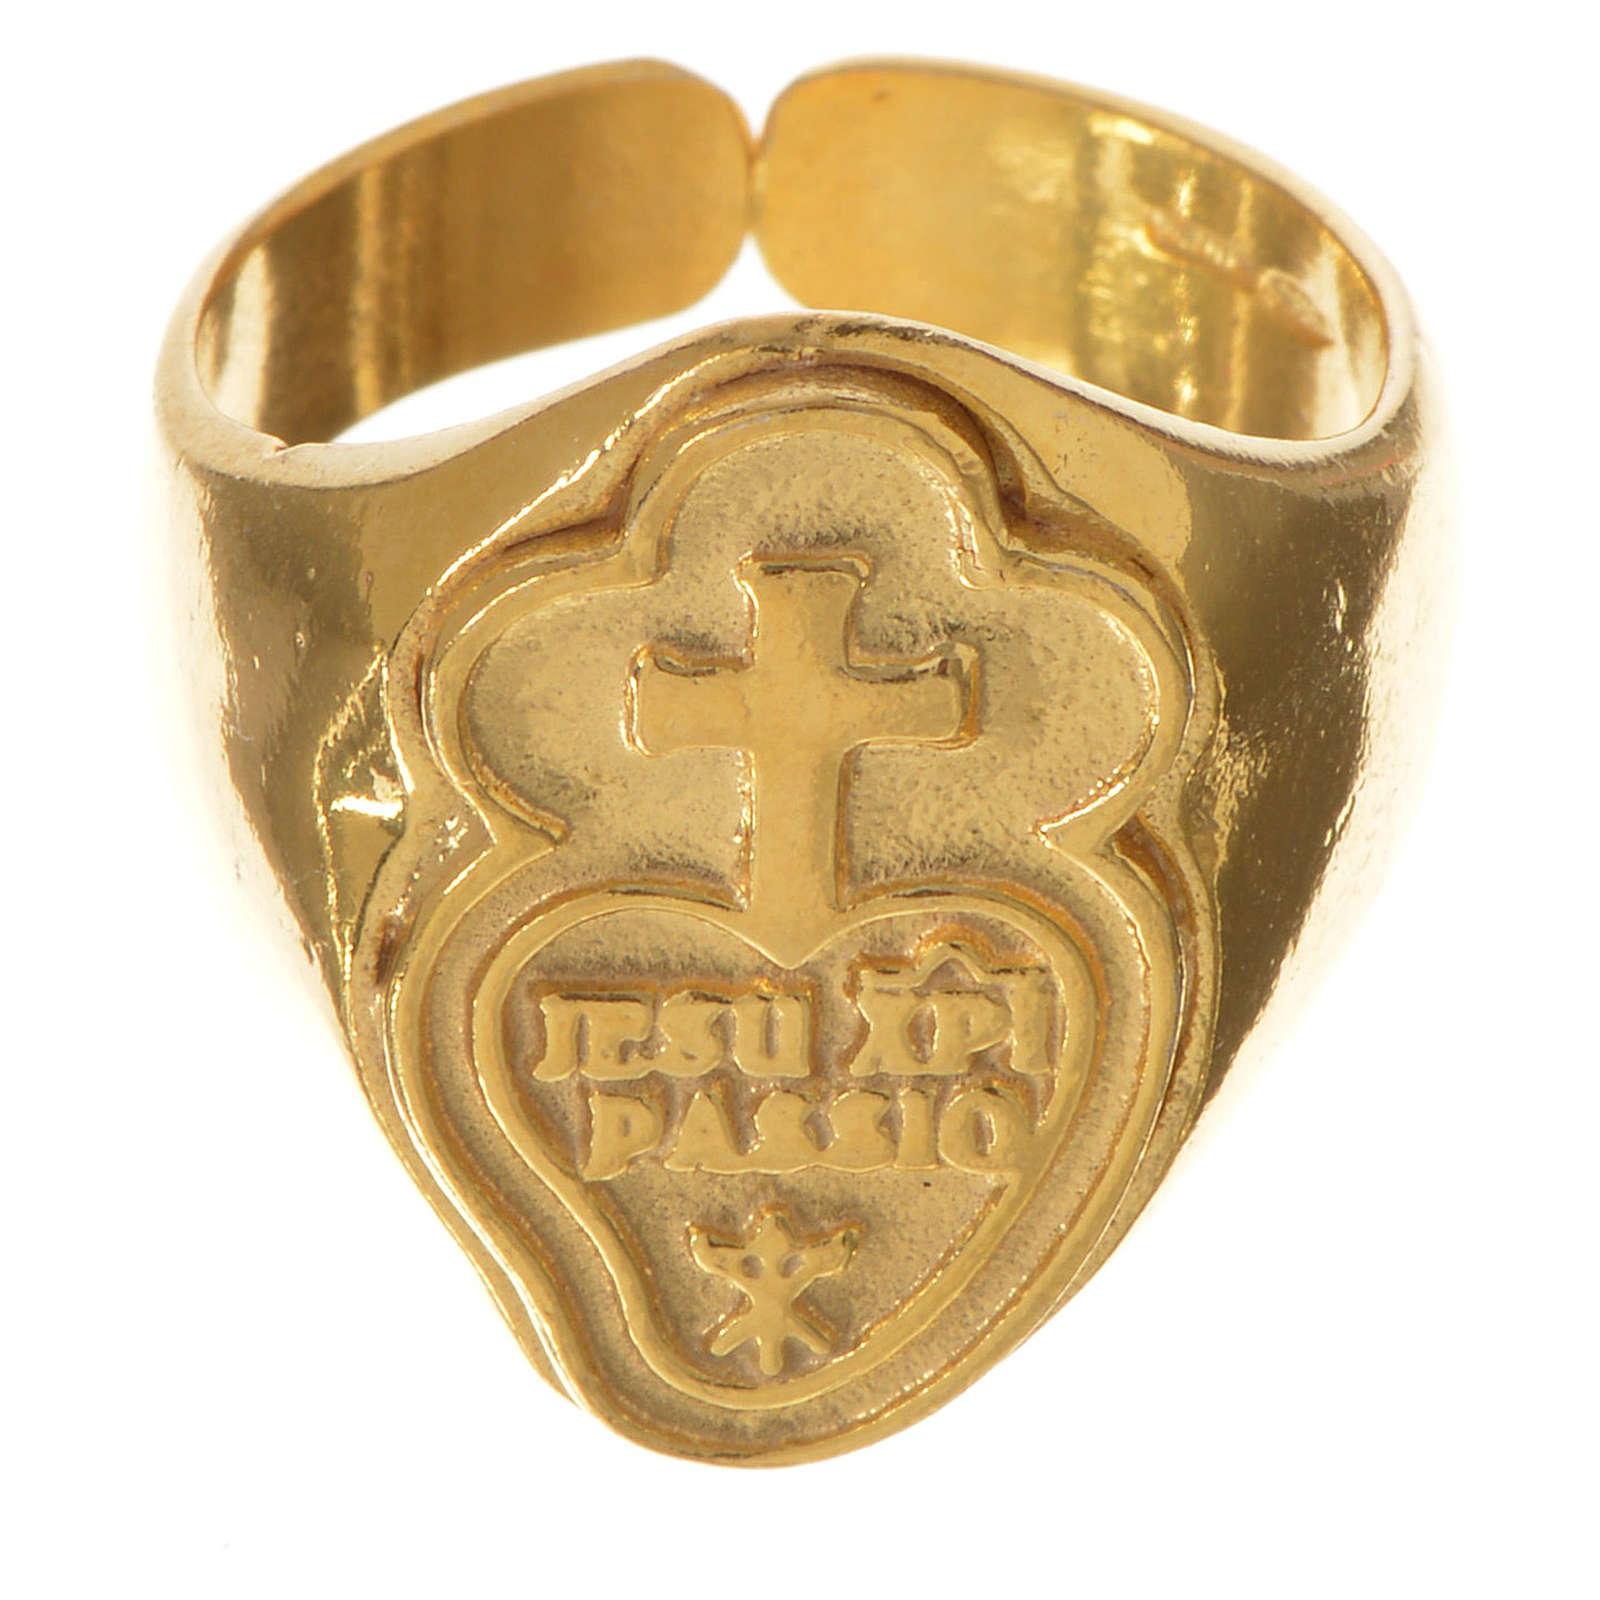 Anello vescovile argento 925 dorato Passionisti 3